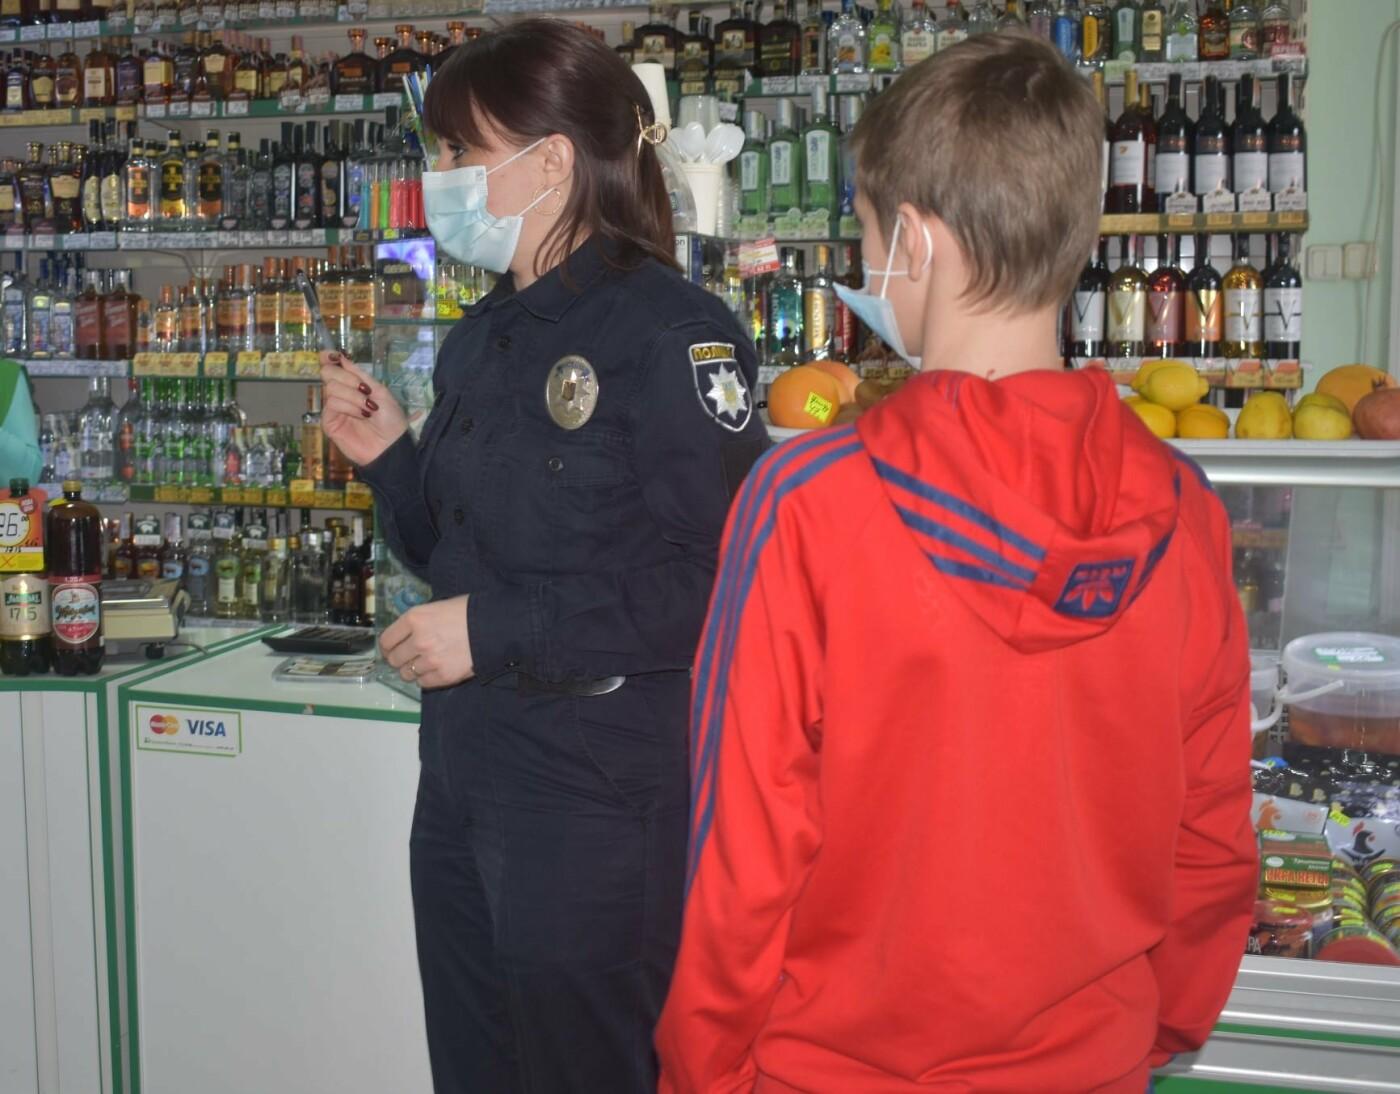 Реанімація: на Хмельниччині дитині продали алкоголь, фото-1